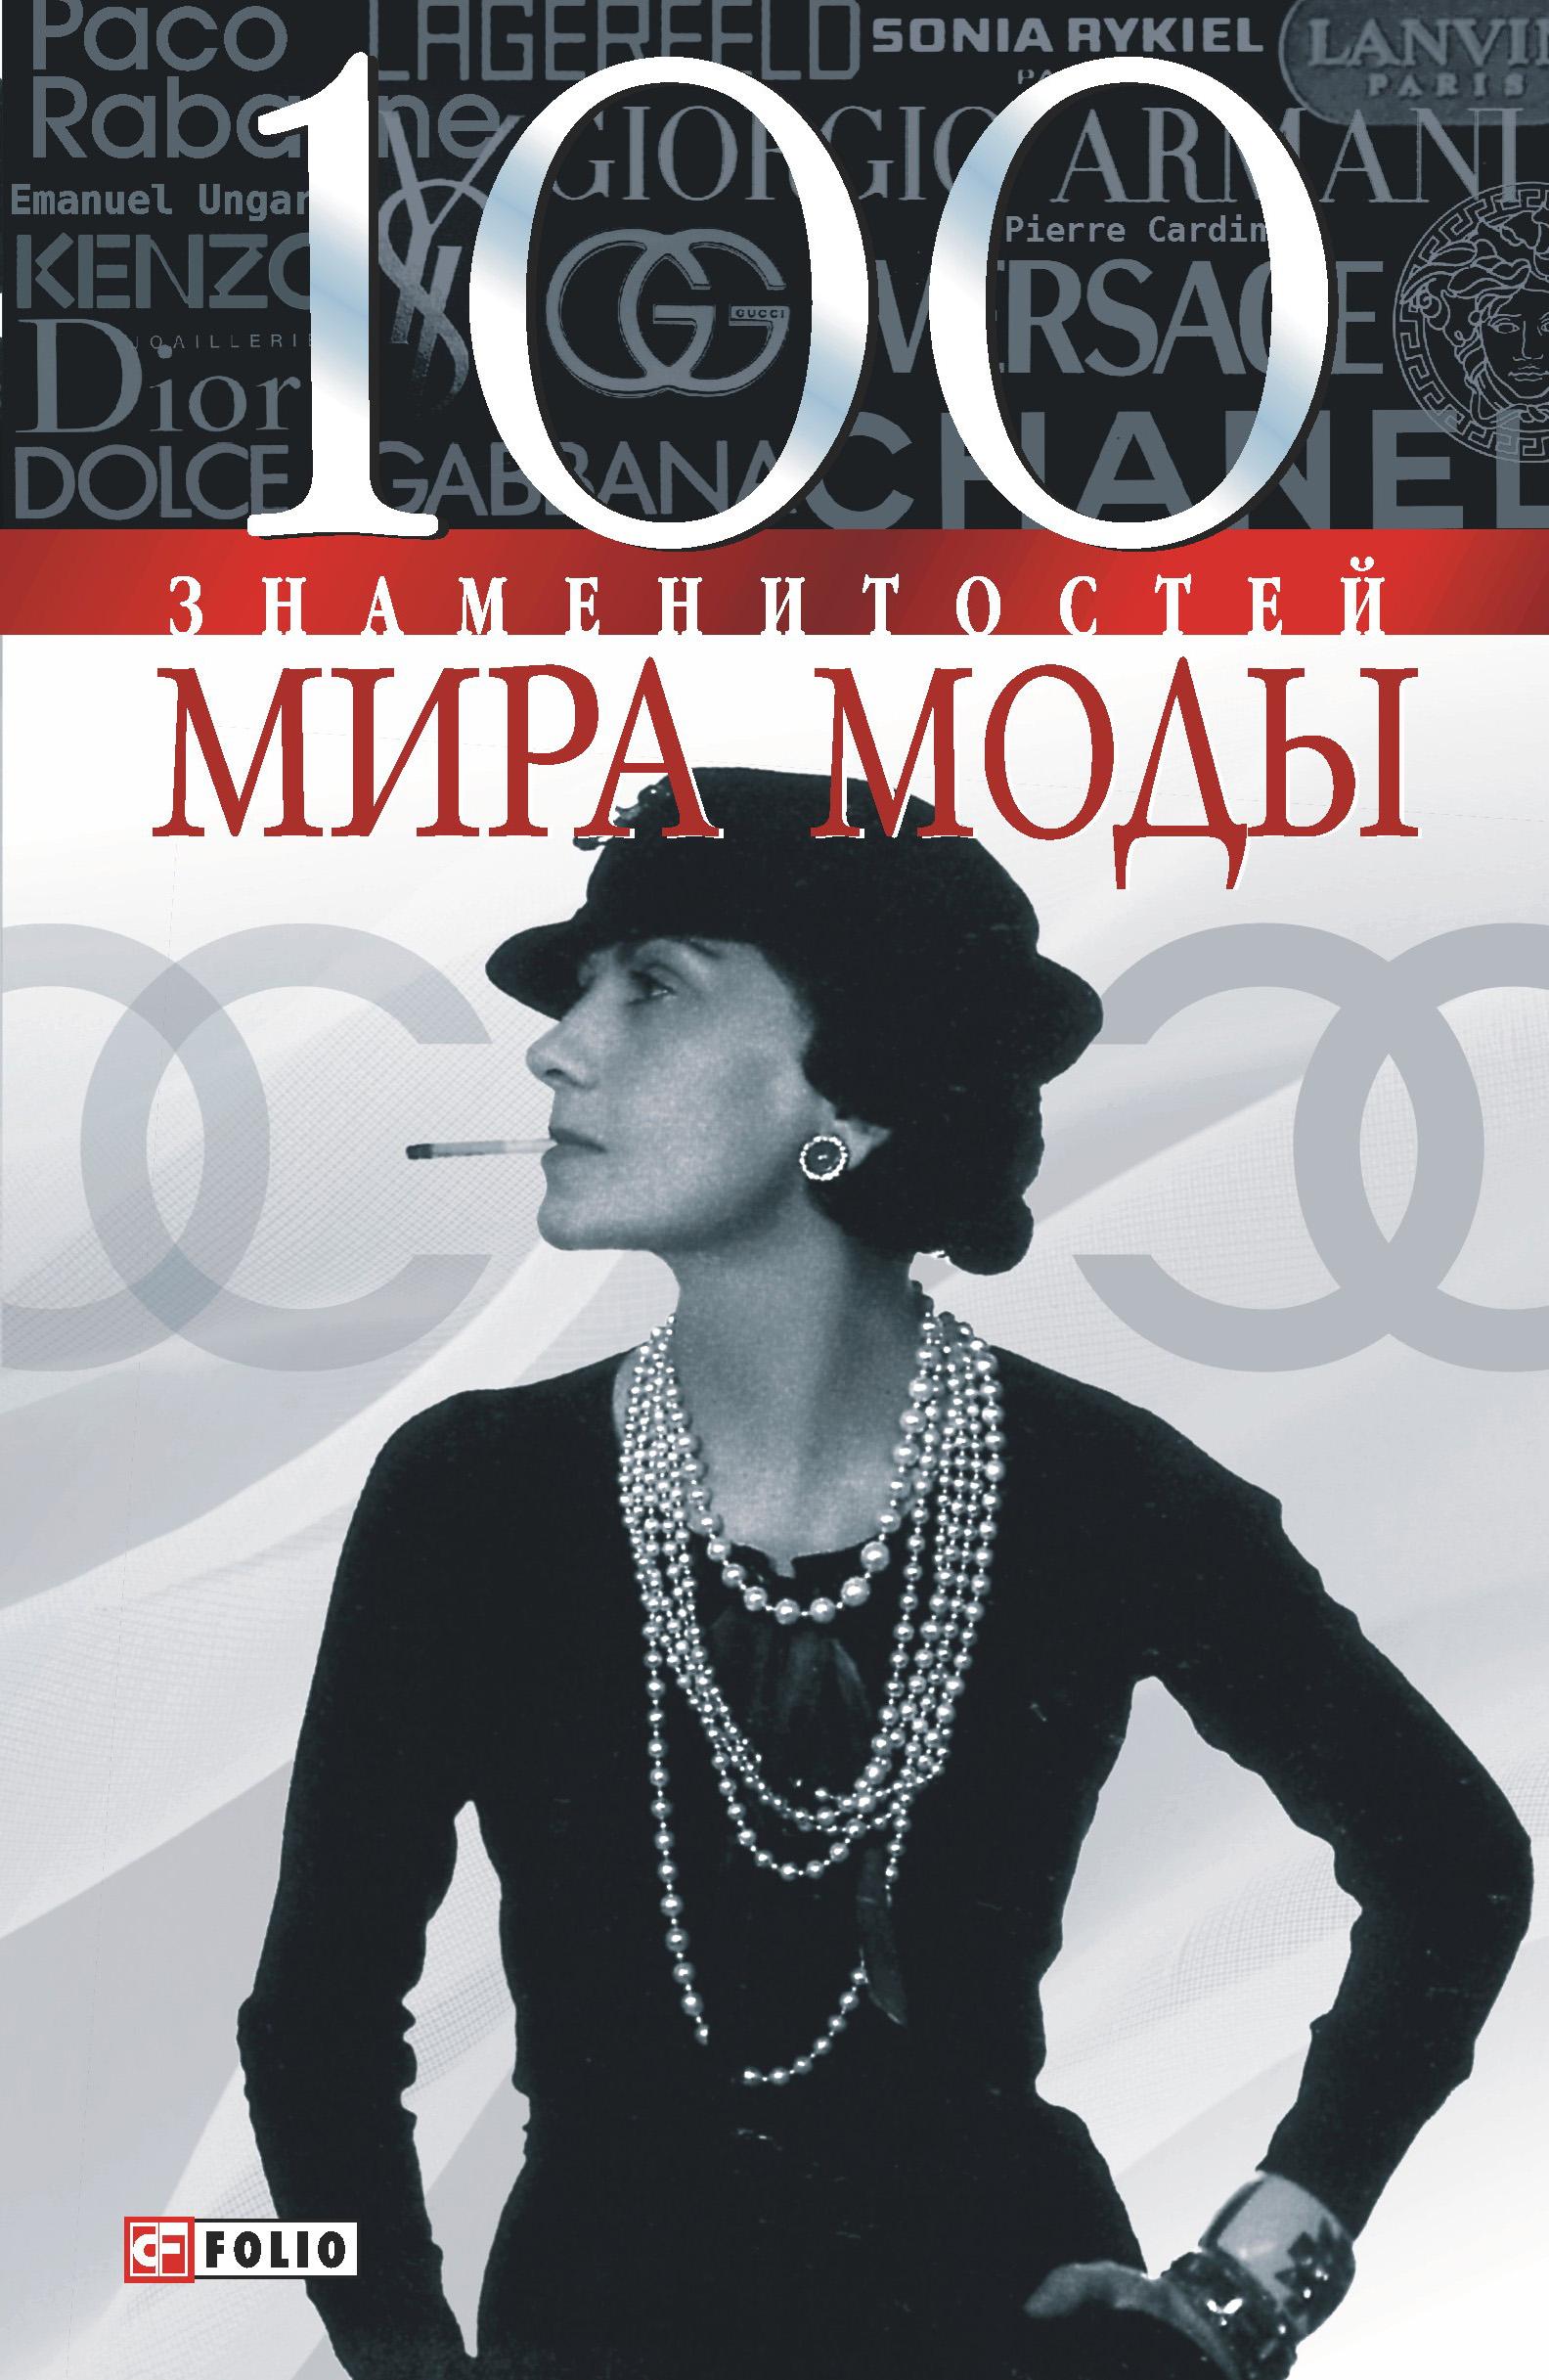 Валентина Скляренко 100 знаменитостей мира моды